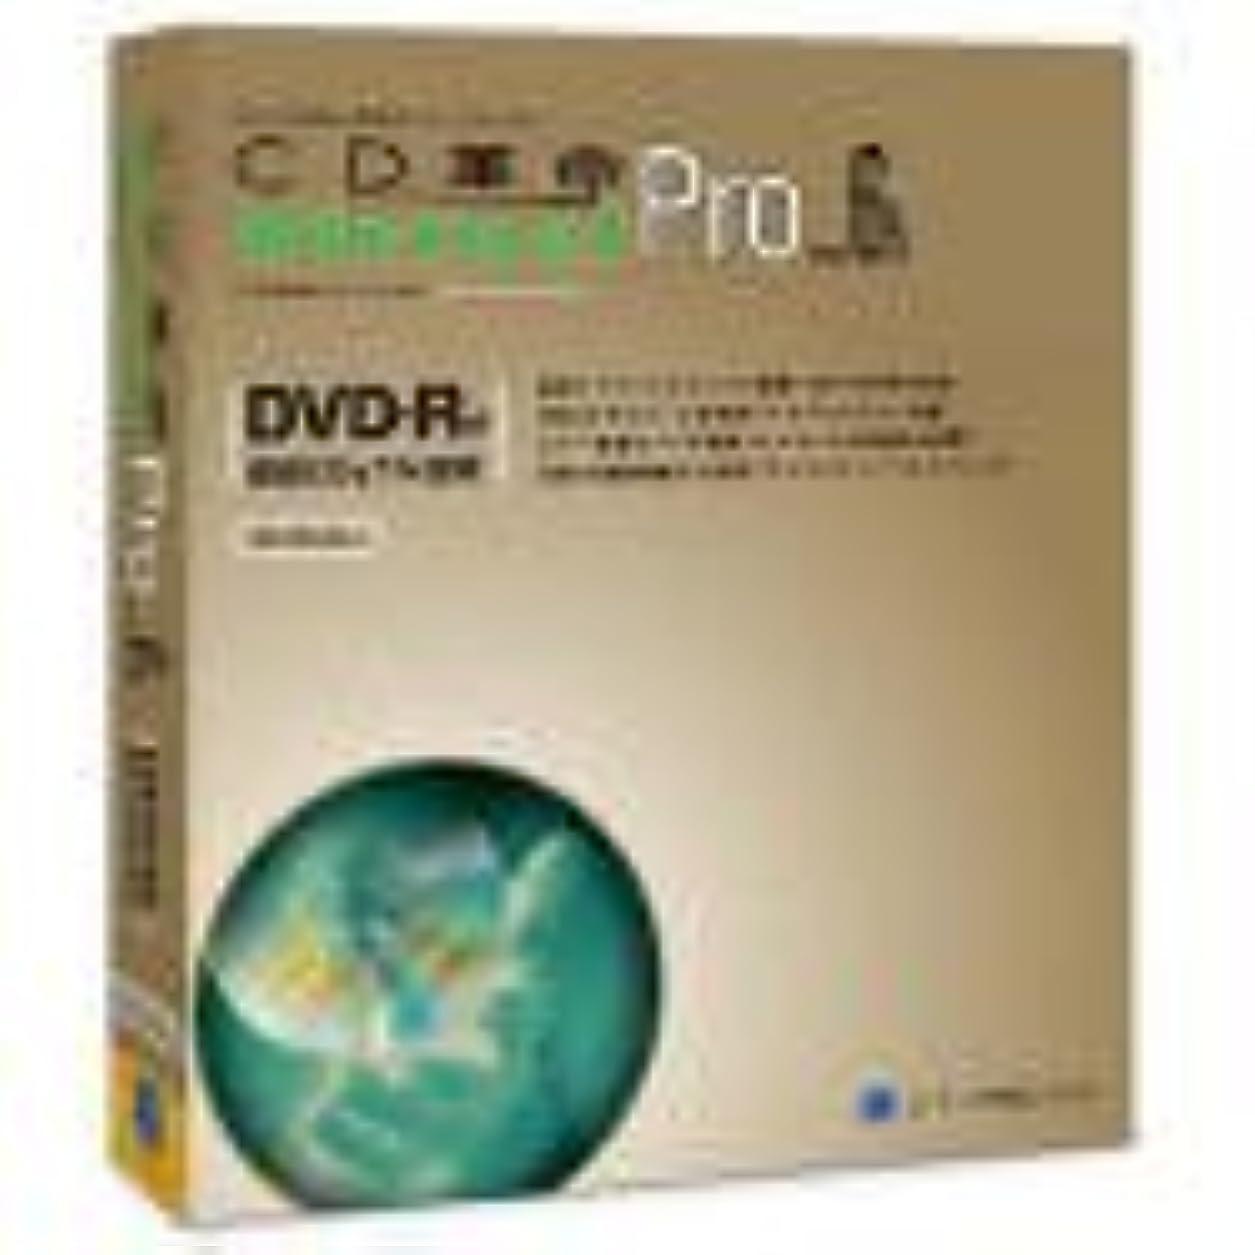 必要ない金額かもしれないCD革命 Virtual Pro Version 6.5